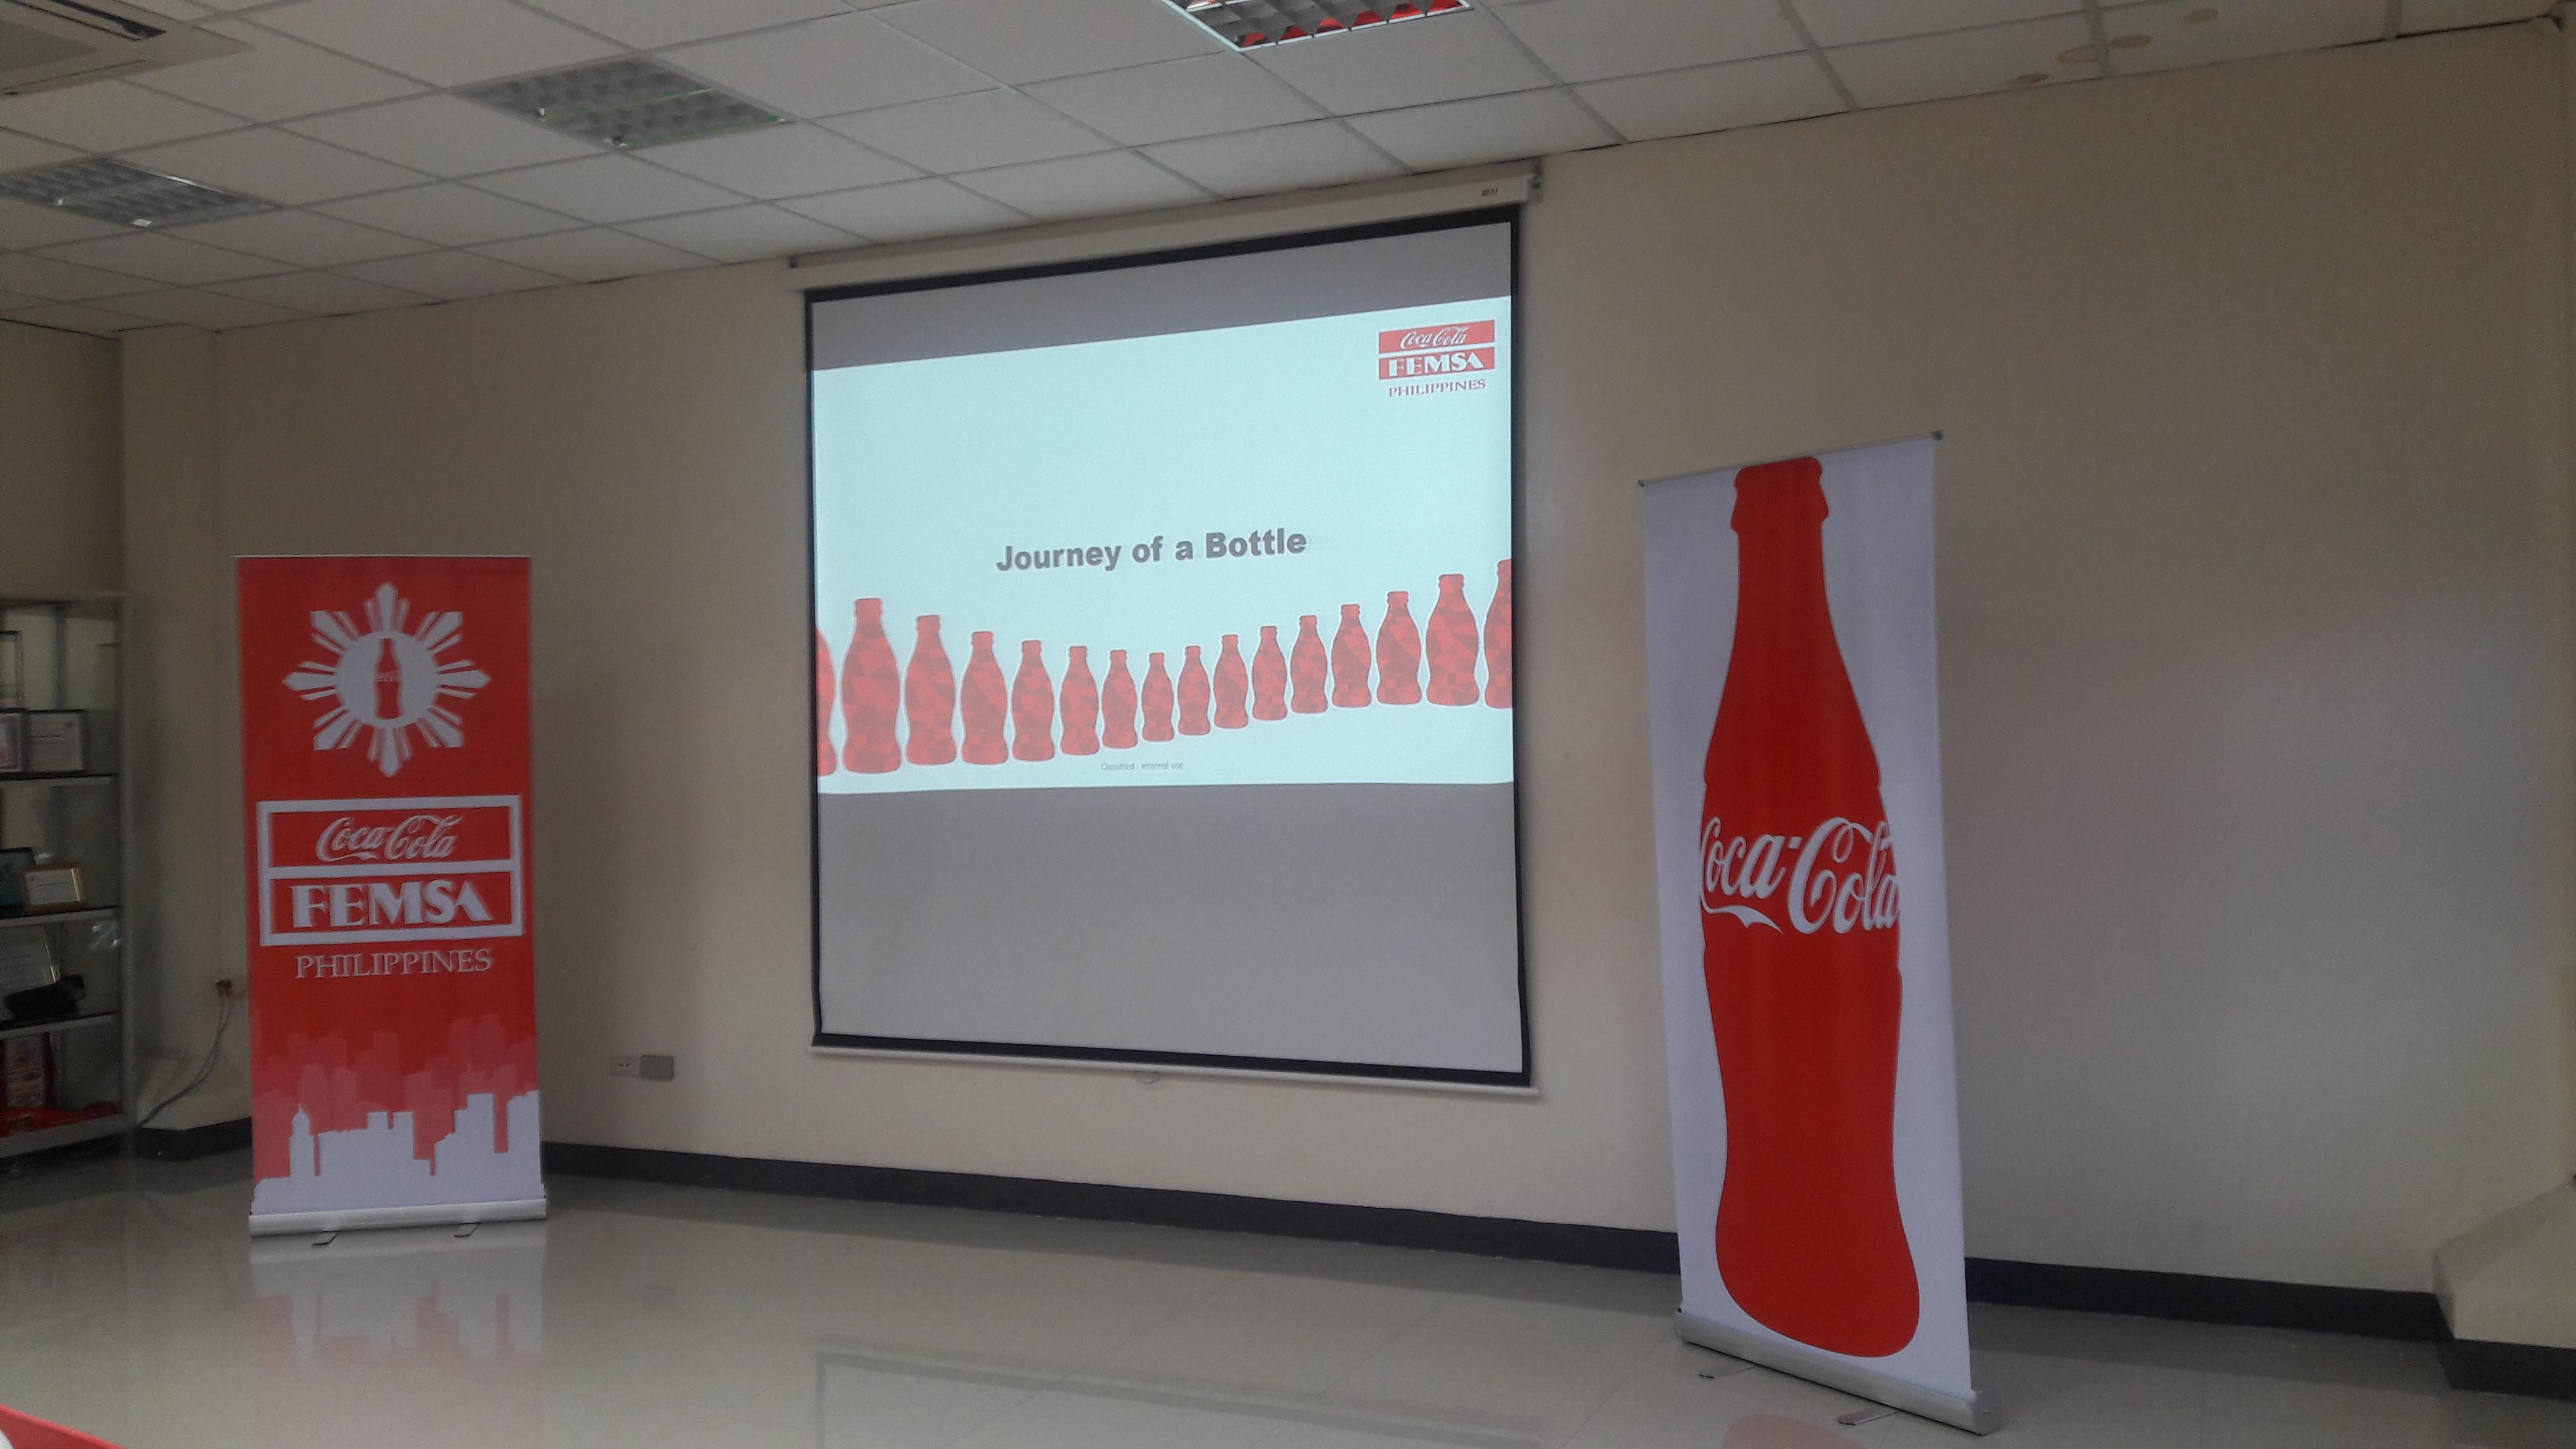 Touring the Coca Cola Misamis Oriental Philippines plant